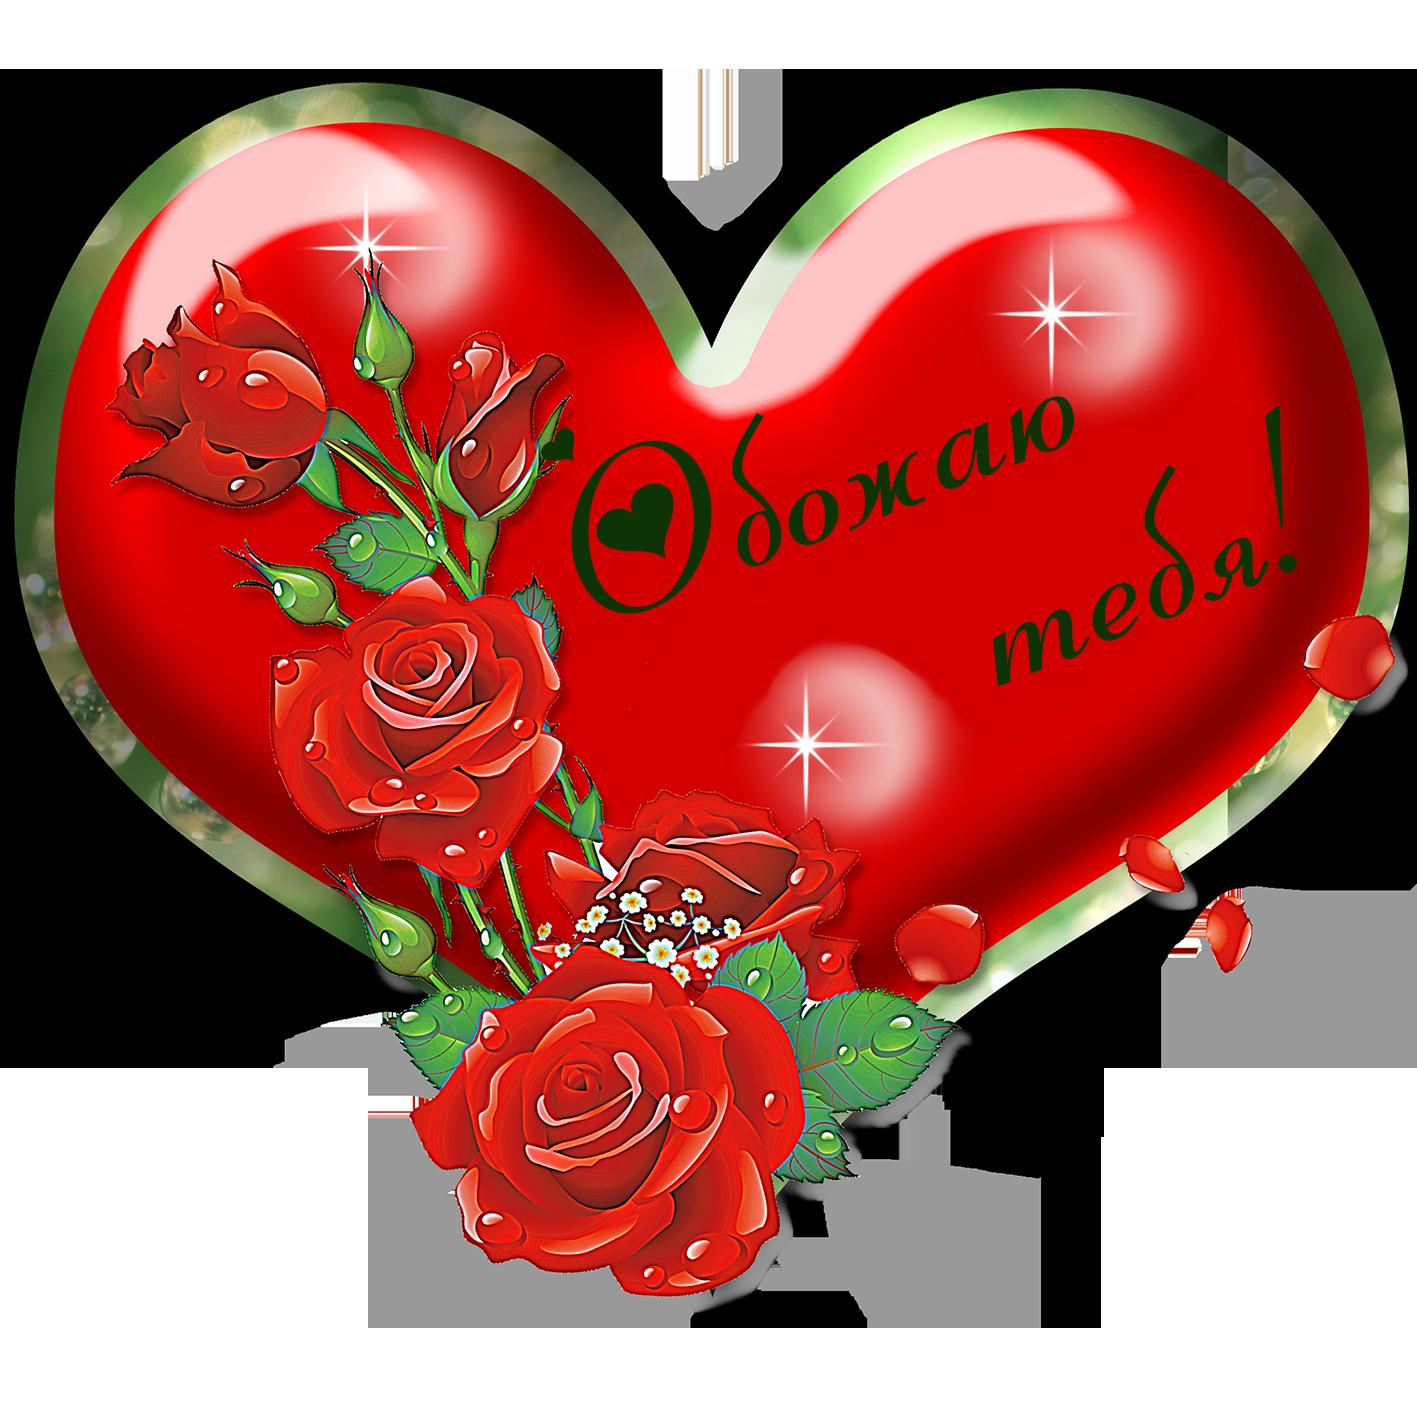 Плюшевая валентинка, сердечное деревце, кофе | страна мастеров